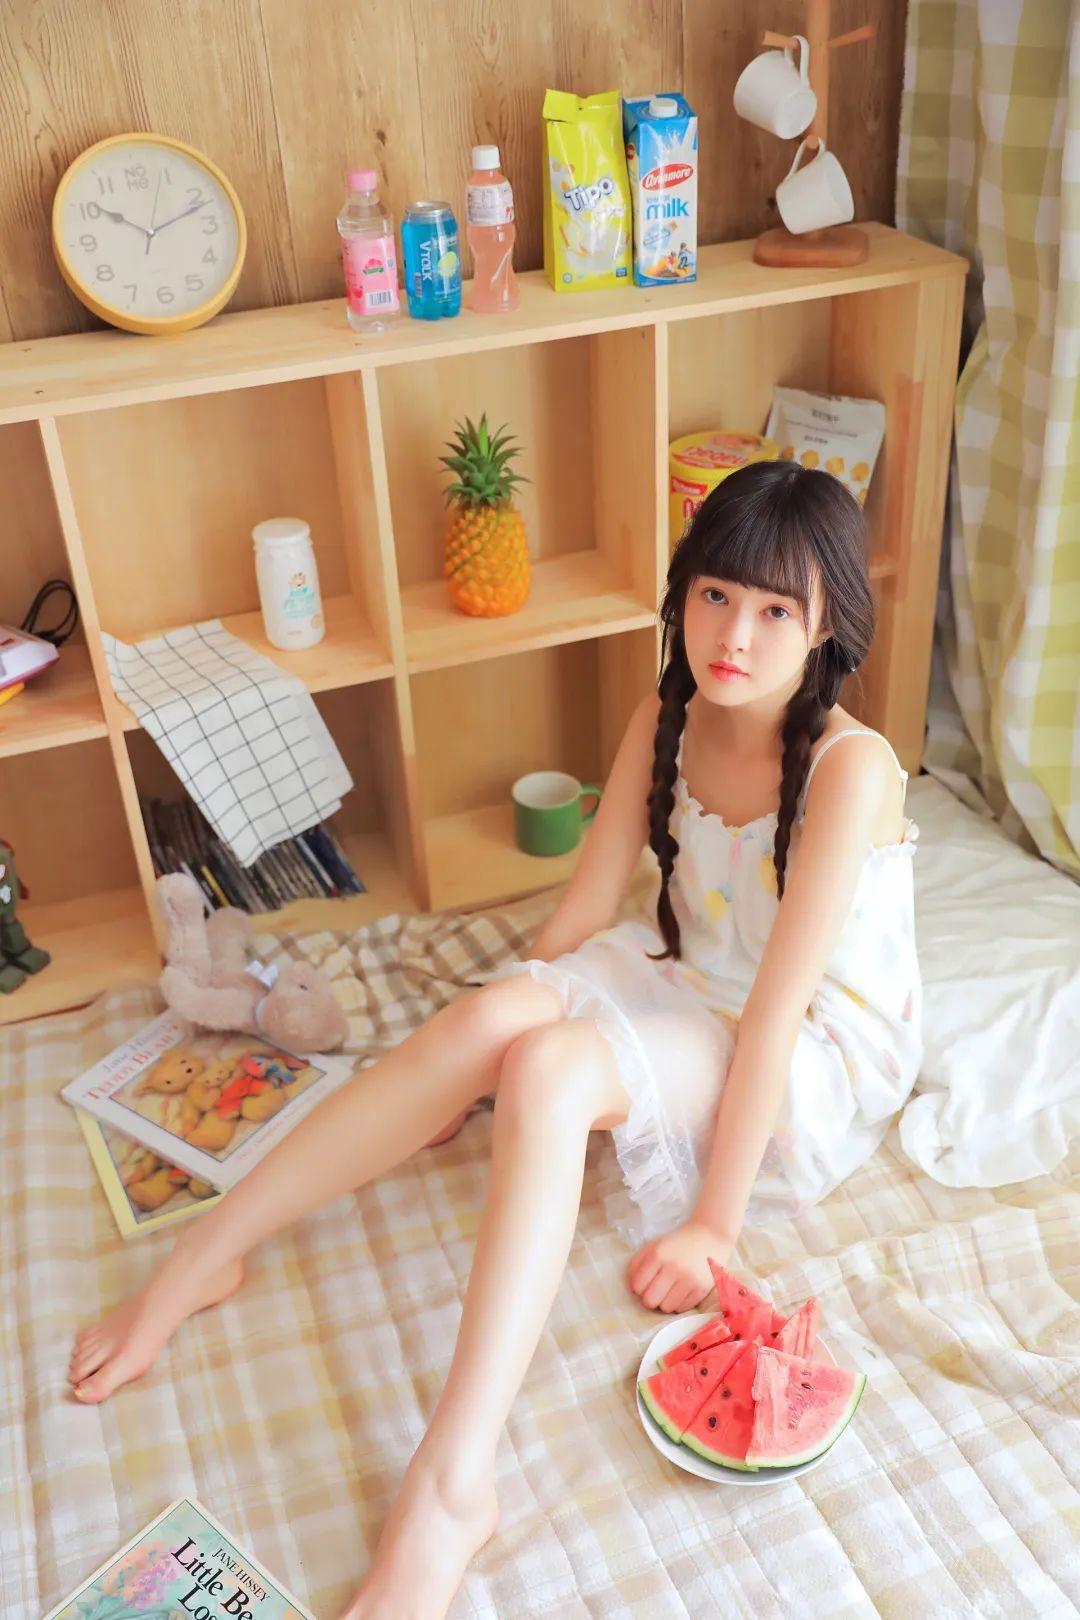 妹子摄影 – 甜美连衣裙双马尾少女吃西瓜_图片 No.19